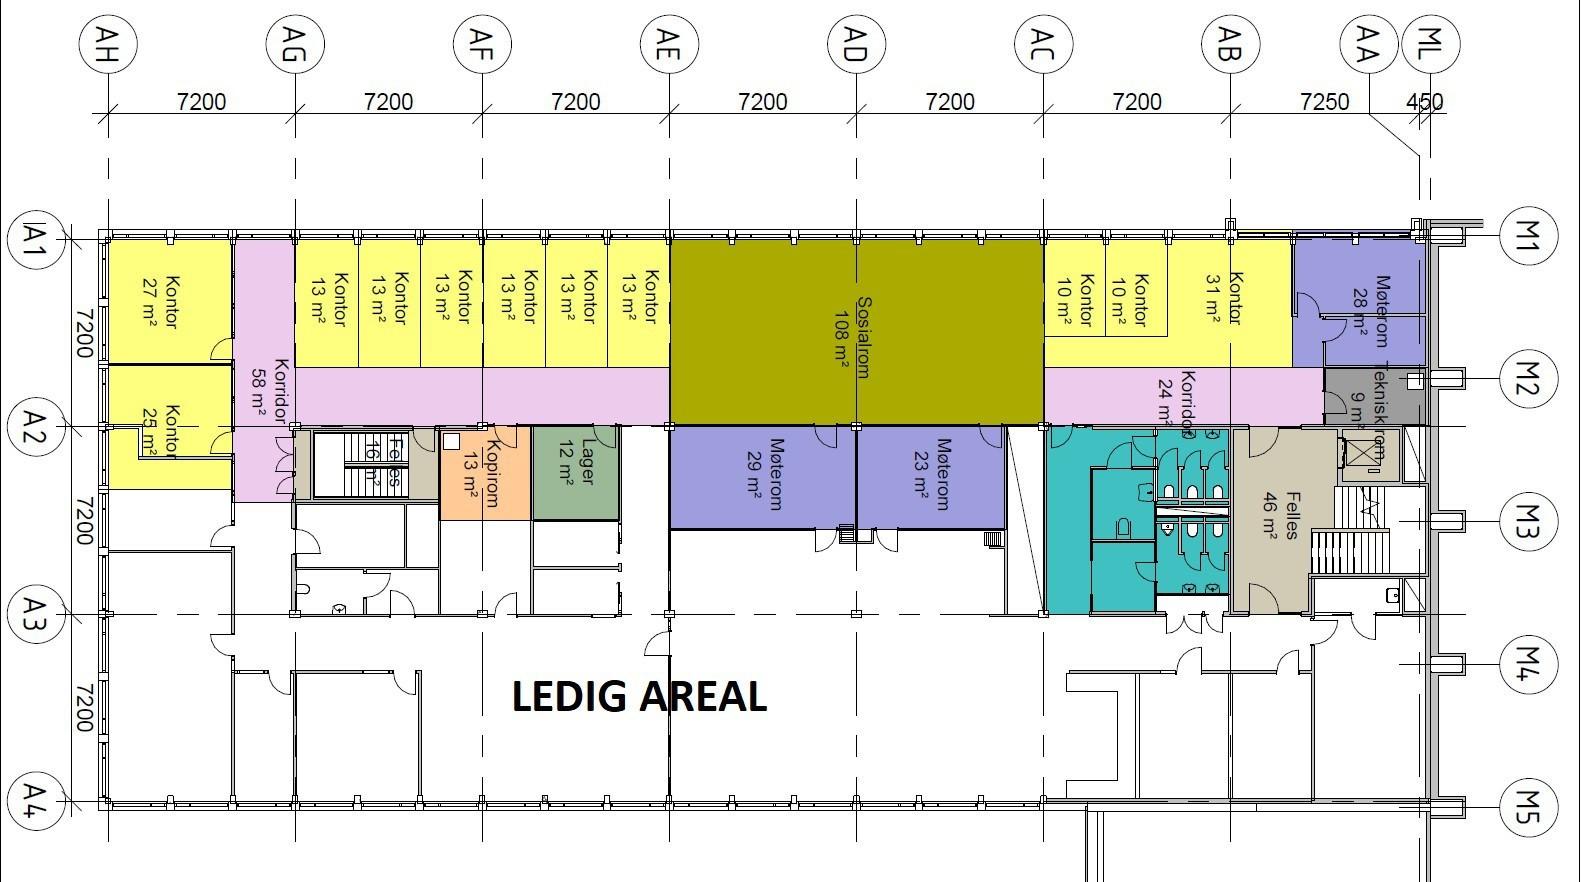 Planskisse 3. etasje - ledig areal i hvit